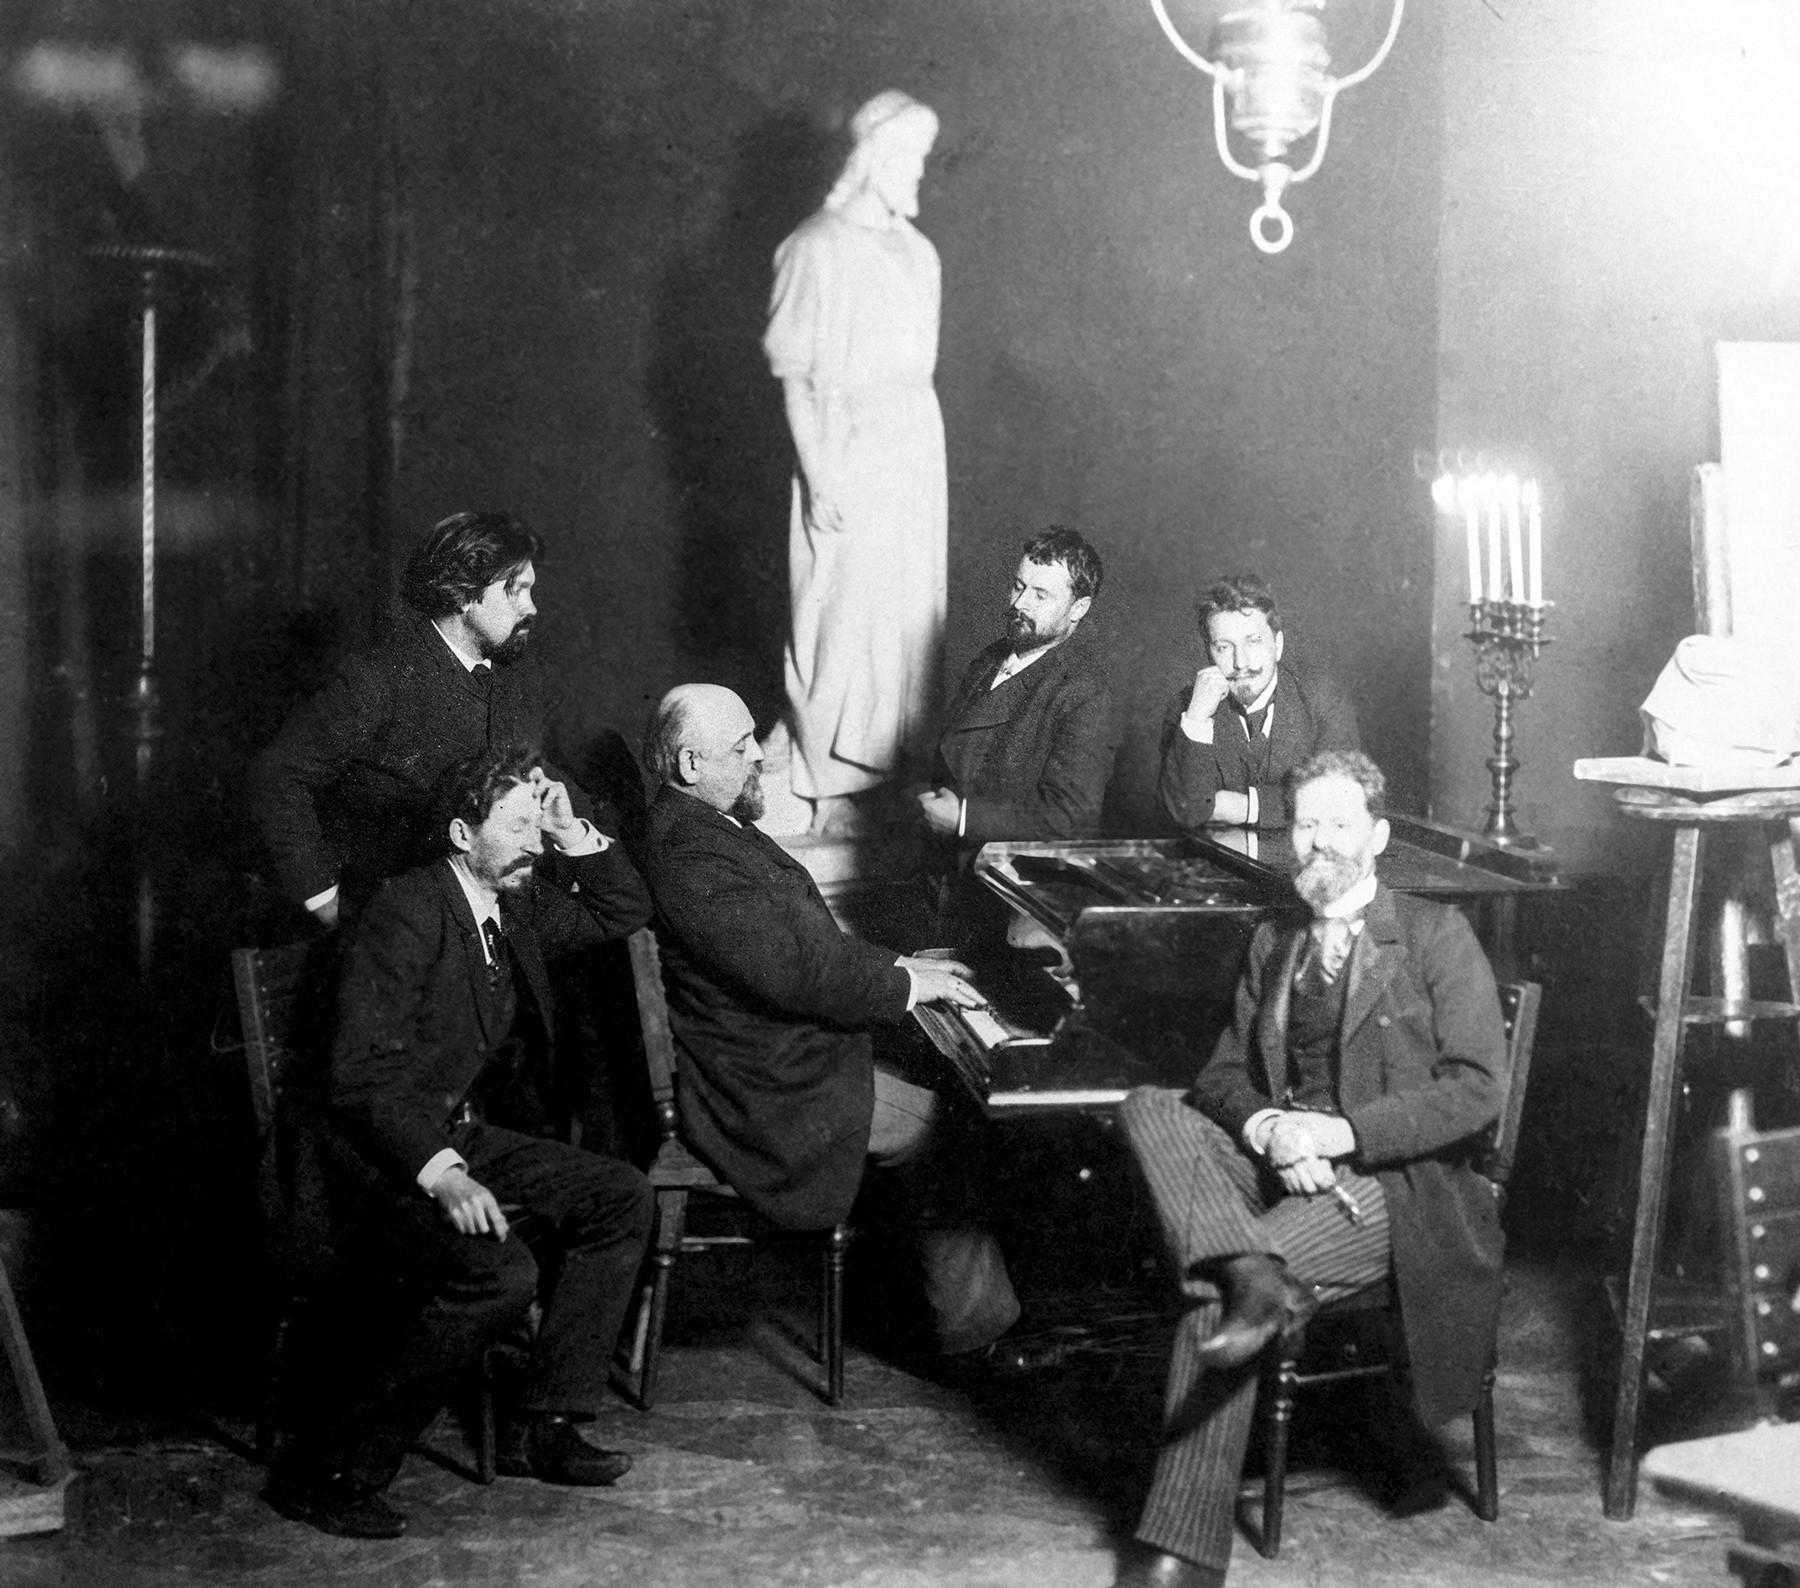 画家のイリヤ・レーピン、ヴァシーリー・スリコフ、コンスタンチン・コロヴィン、ヴァレンチン・セロフ、マルク・アントコリスキー。アブラムツェヴォにて。モスクワ歴史・再建博物館からの写真複写。